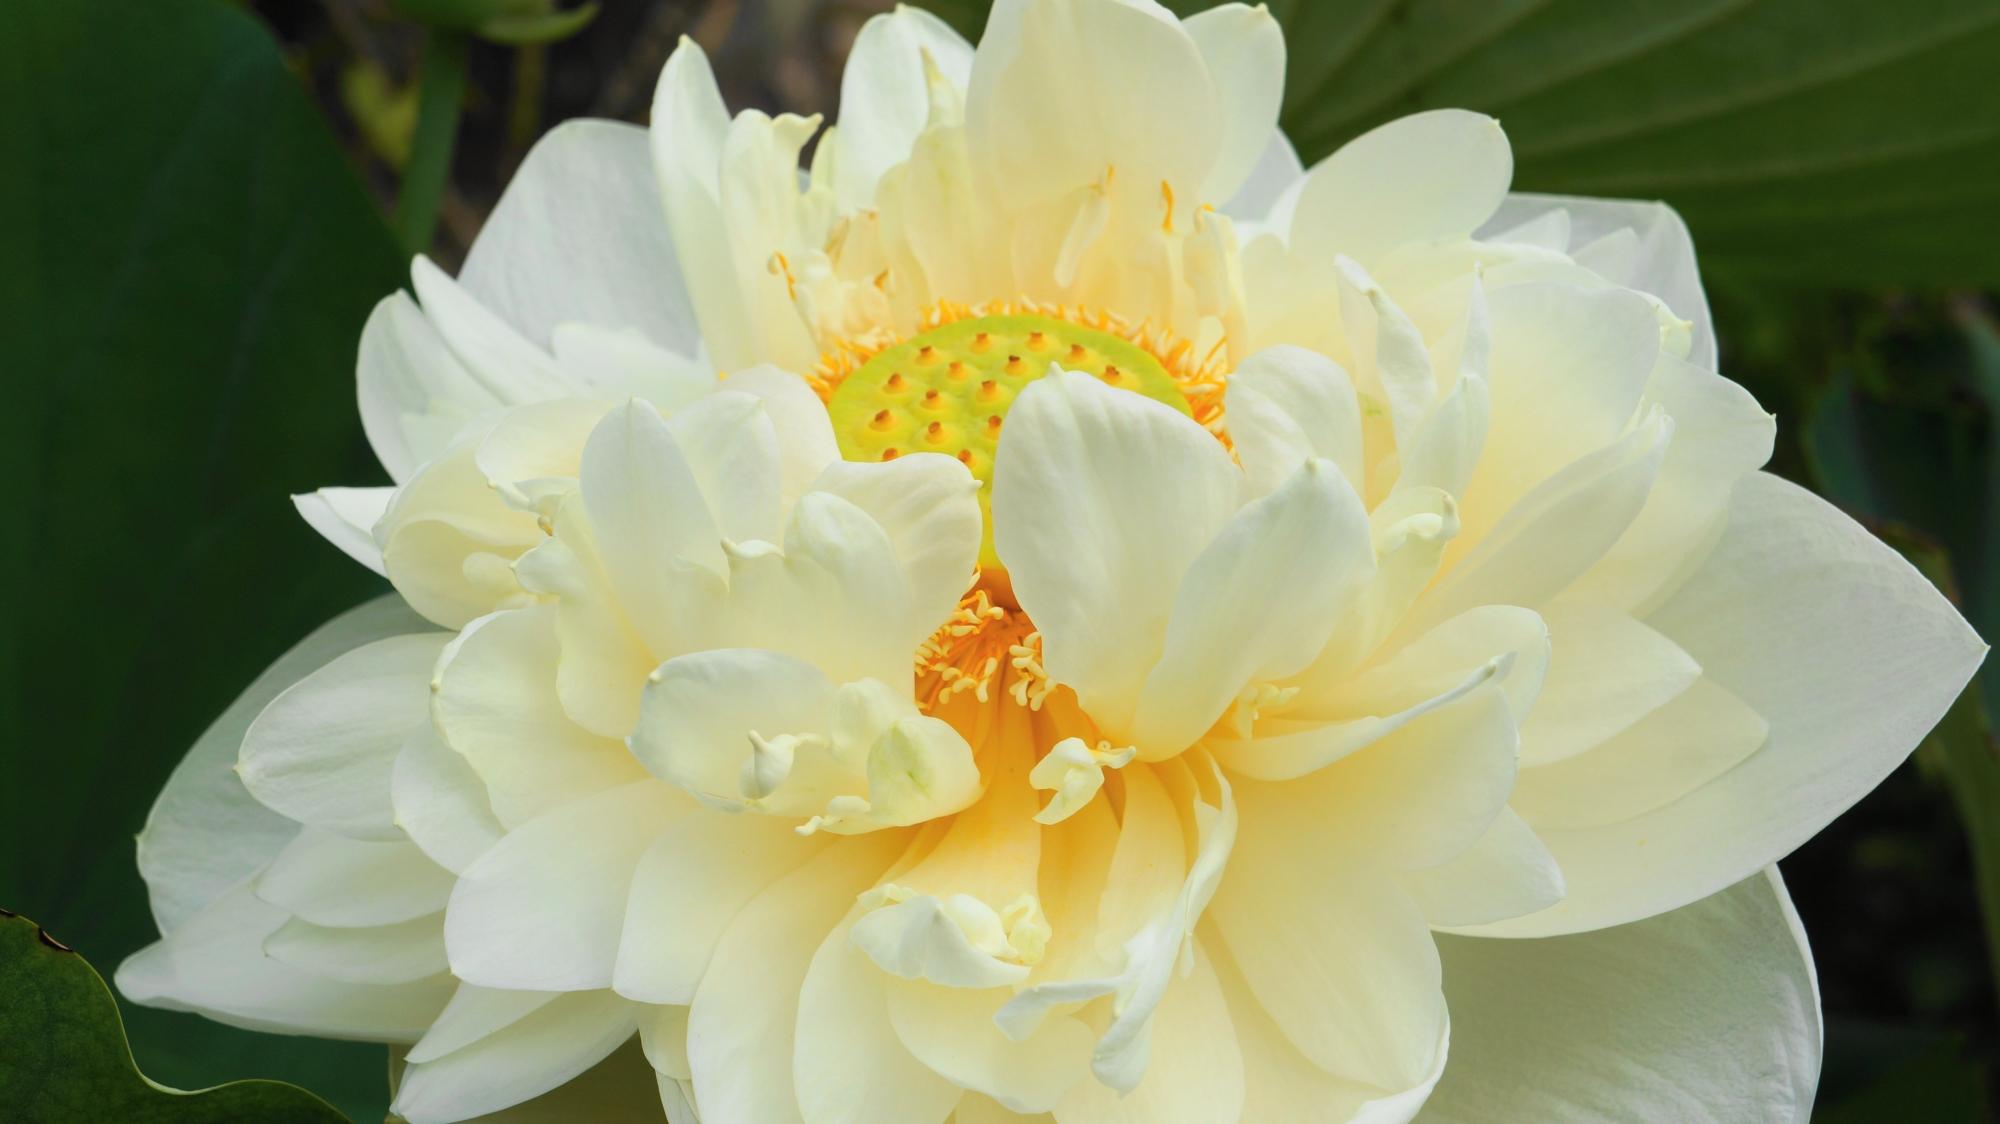 法金剛院の花びらをいっぱいつけた淡い色合いの白い蓮の花